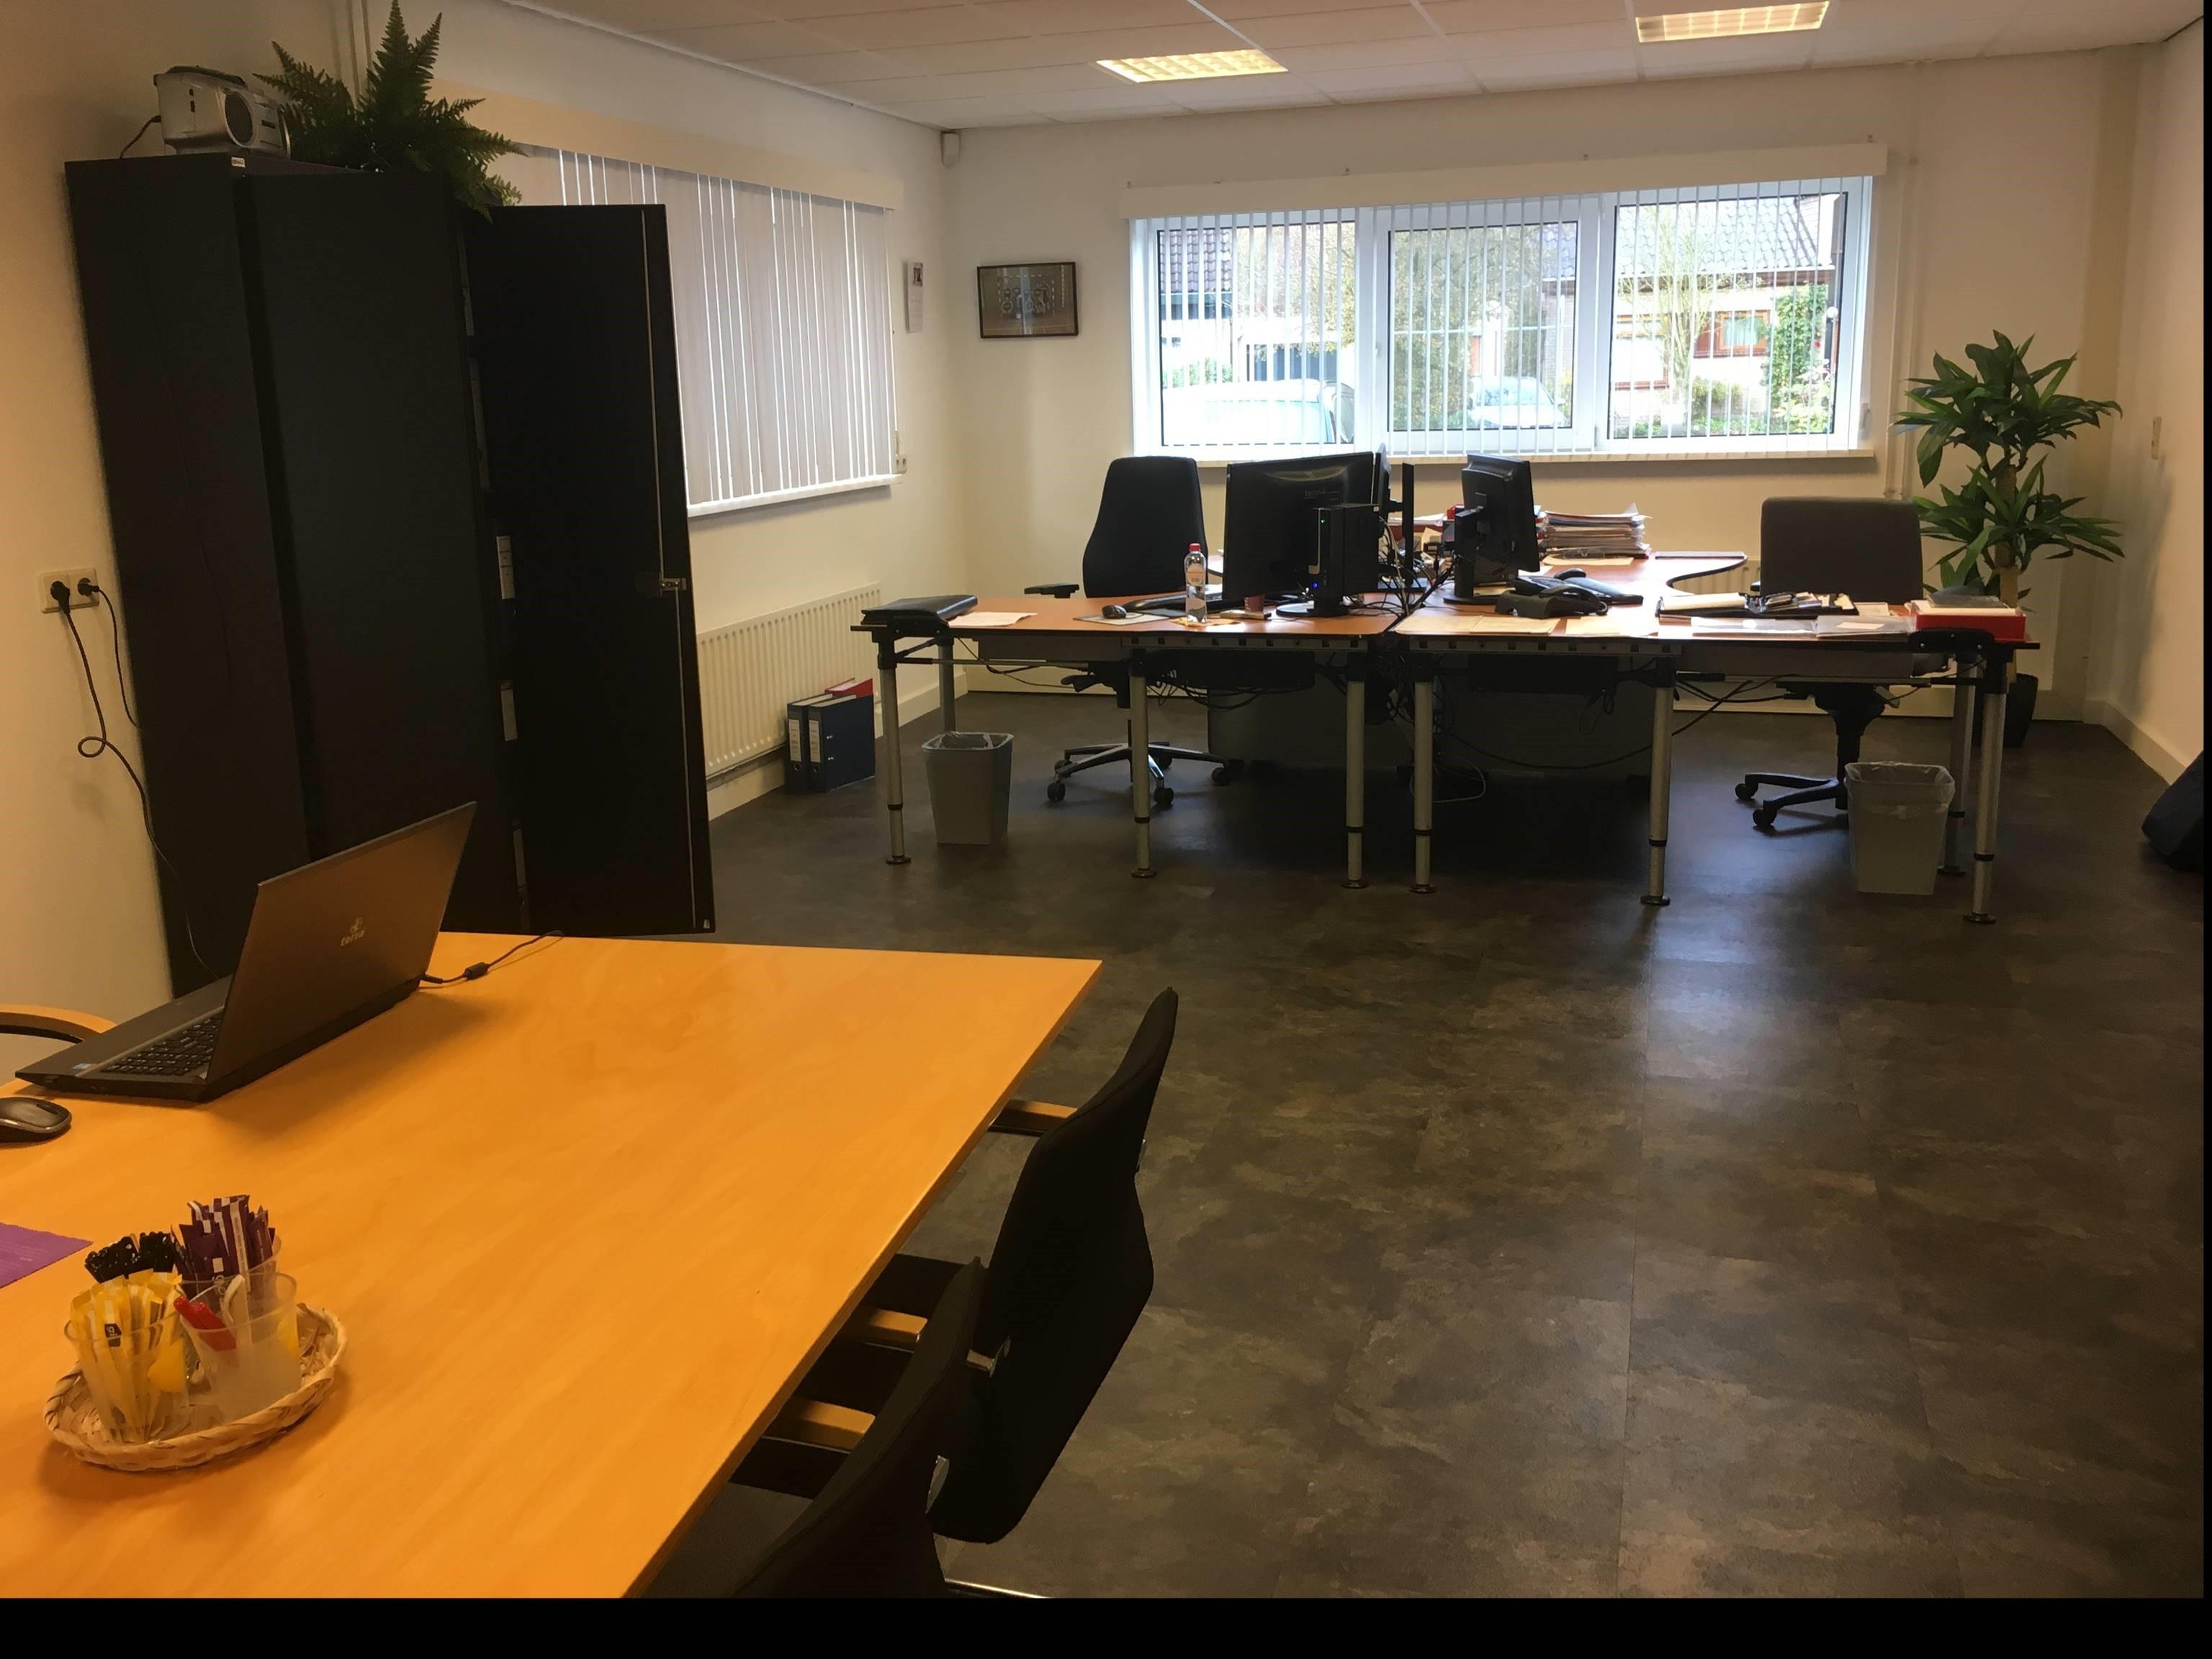 kantoor3